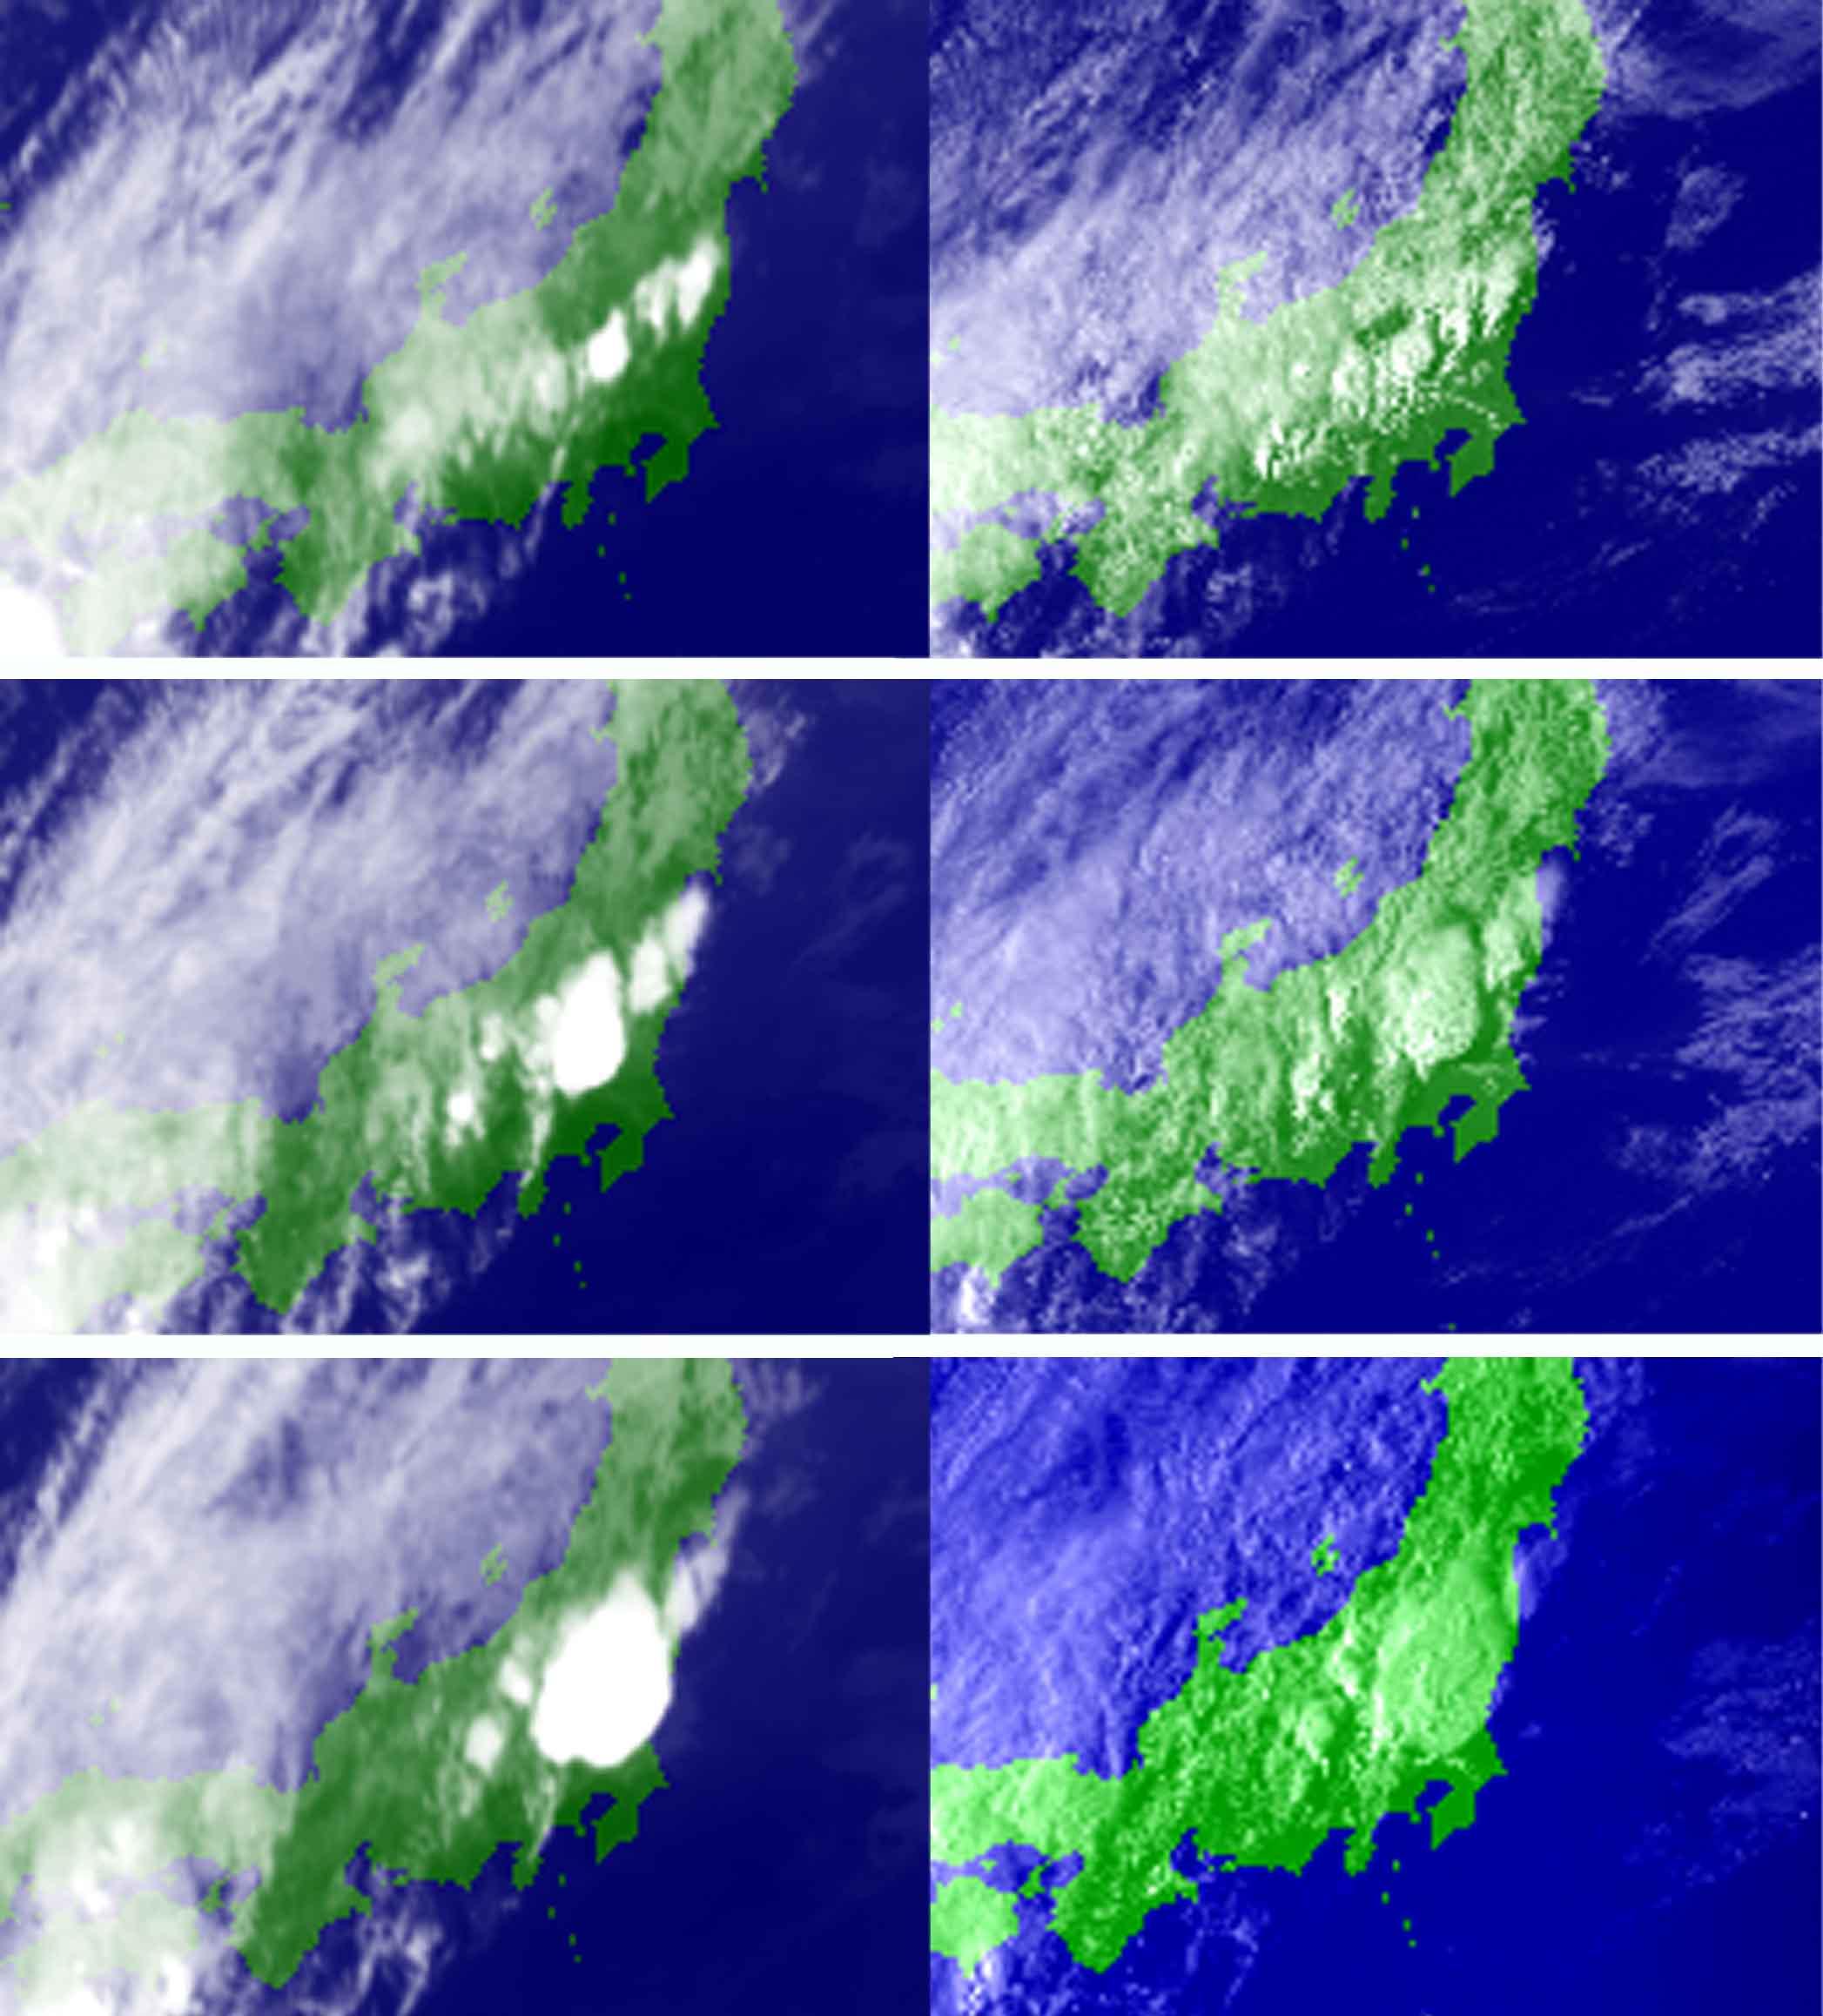 9月1日の関東中部の大雨とカナトコ雲(11)